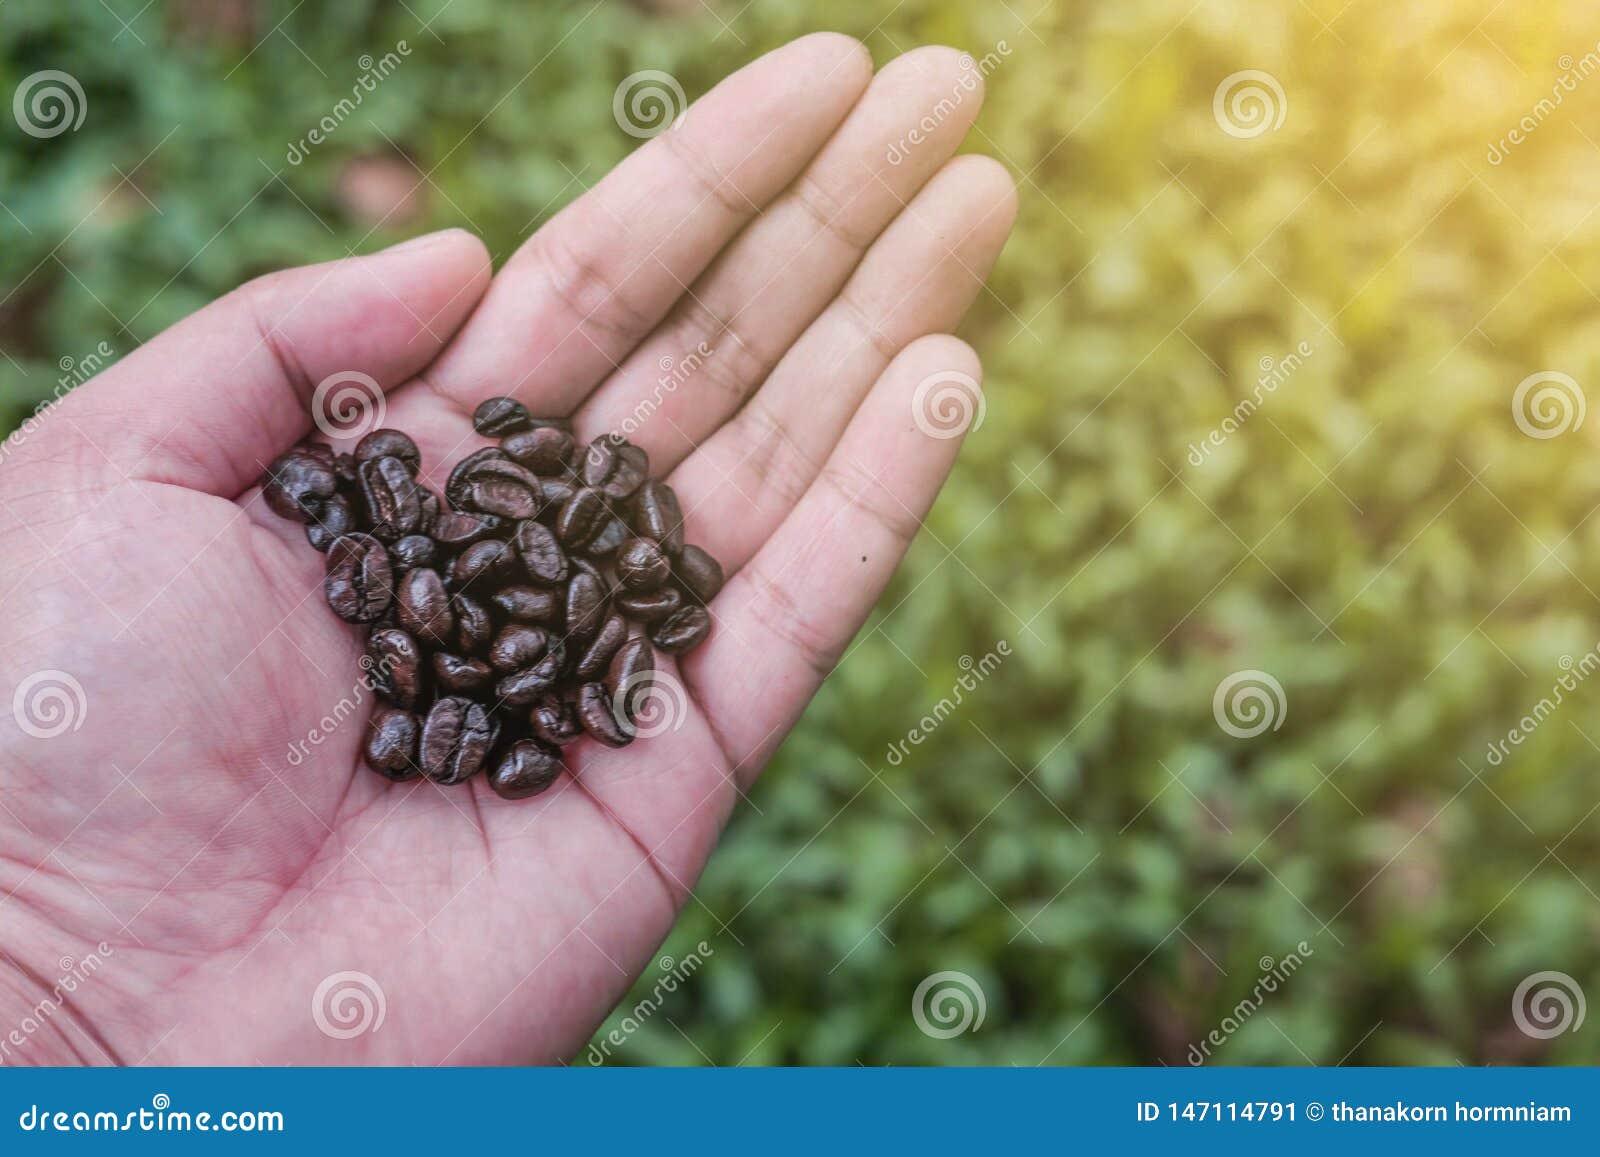 Μαλακή εστίαση, φασόλια καφέ σε διαθεσιμότητα